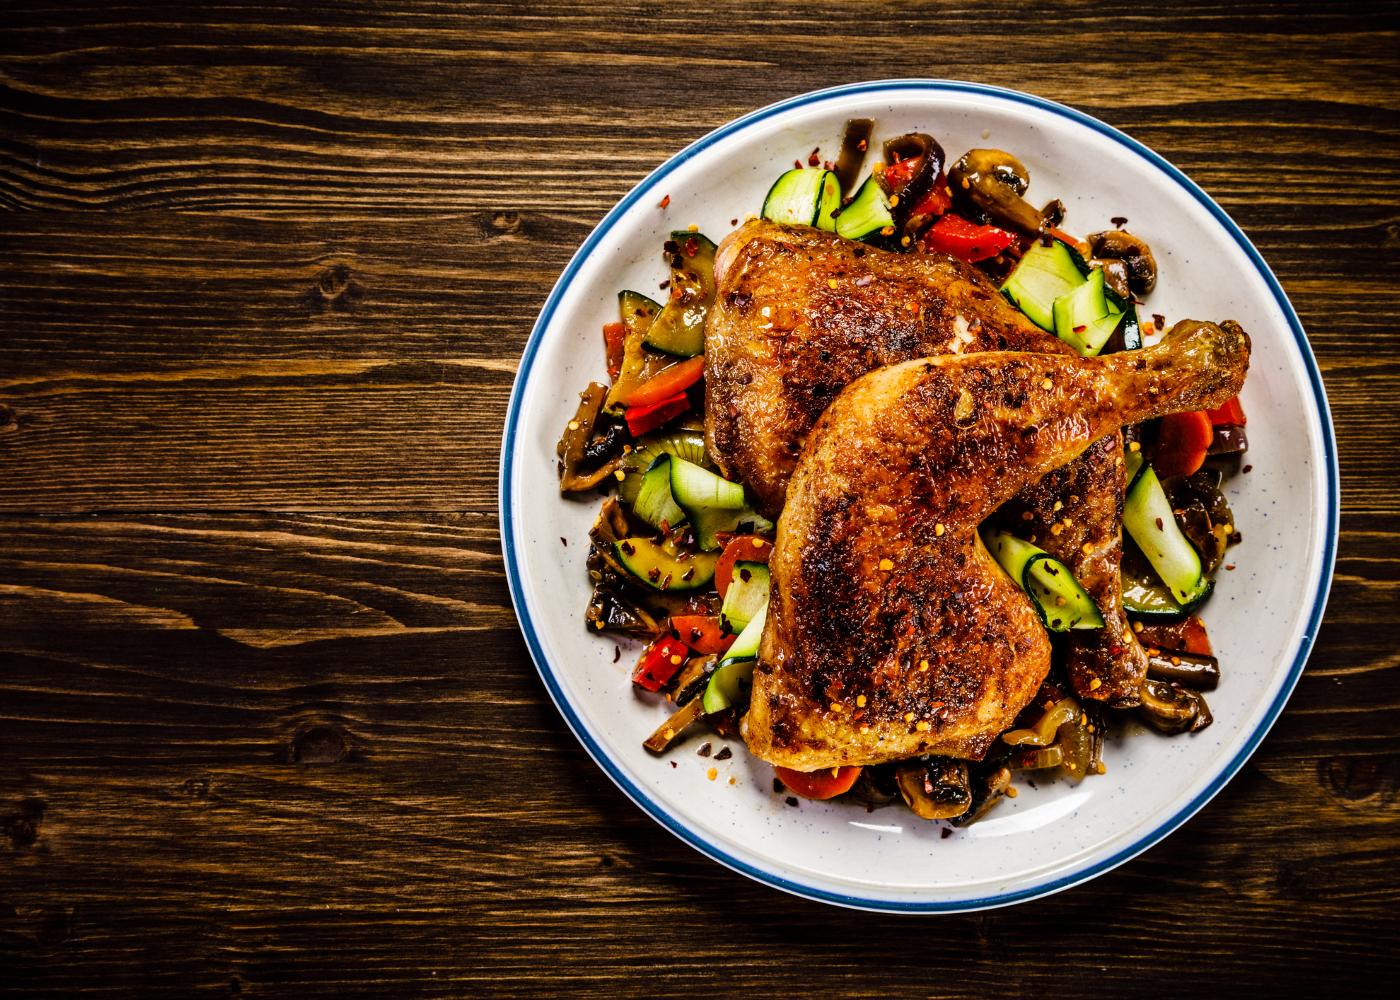 coxa de frango com legumes grelhados receitas rapidas e saudaveis